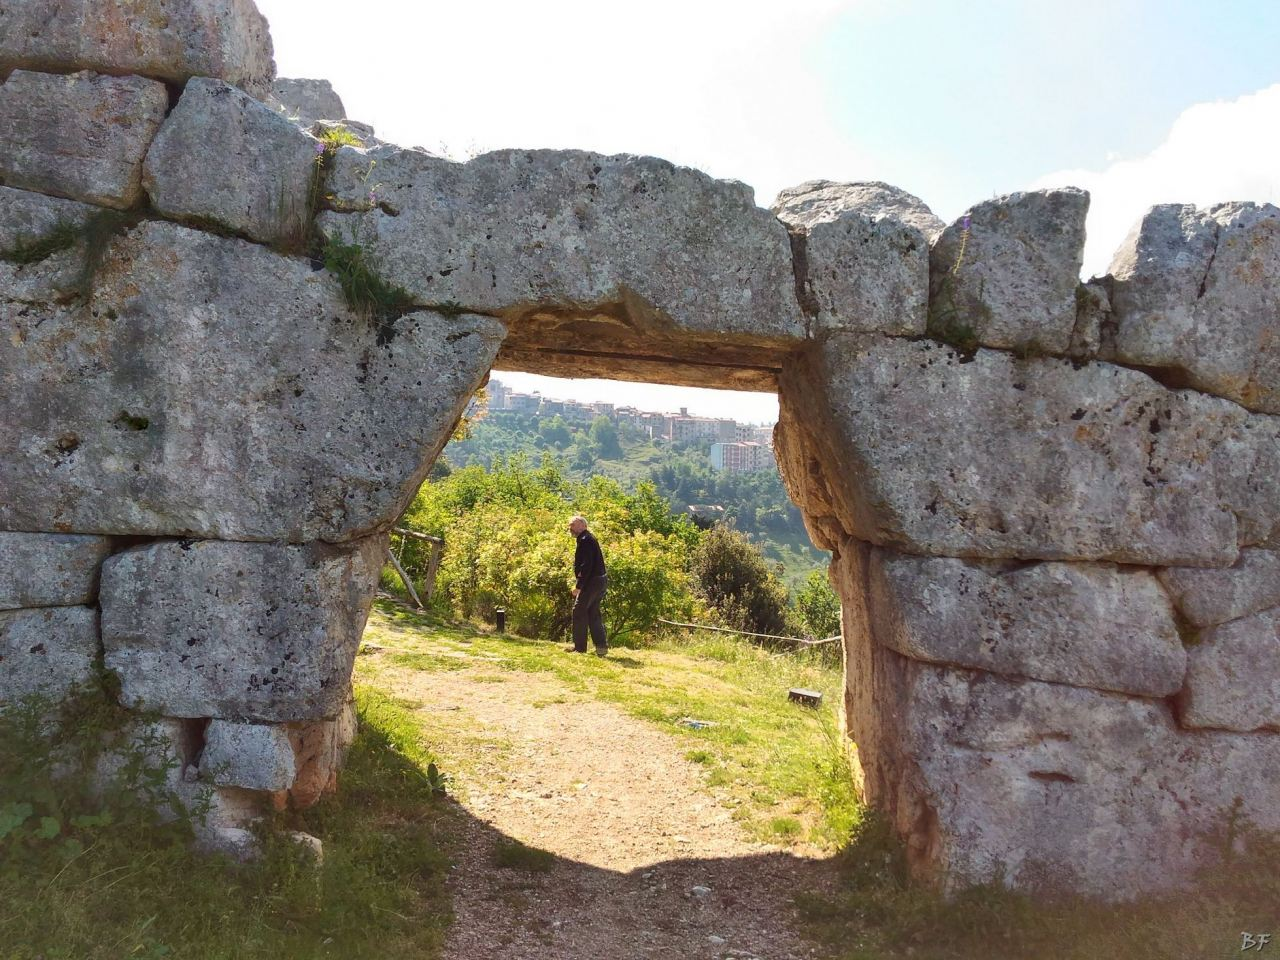 Signia-Mura-Poligonali-Megalitiche-Segni-Roma-Lazio-Italia-19